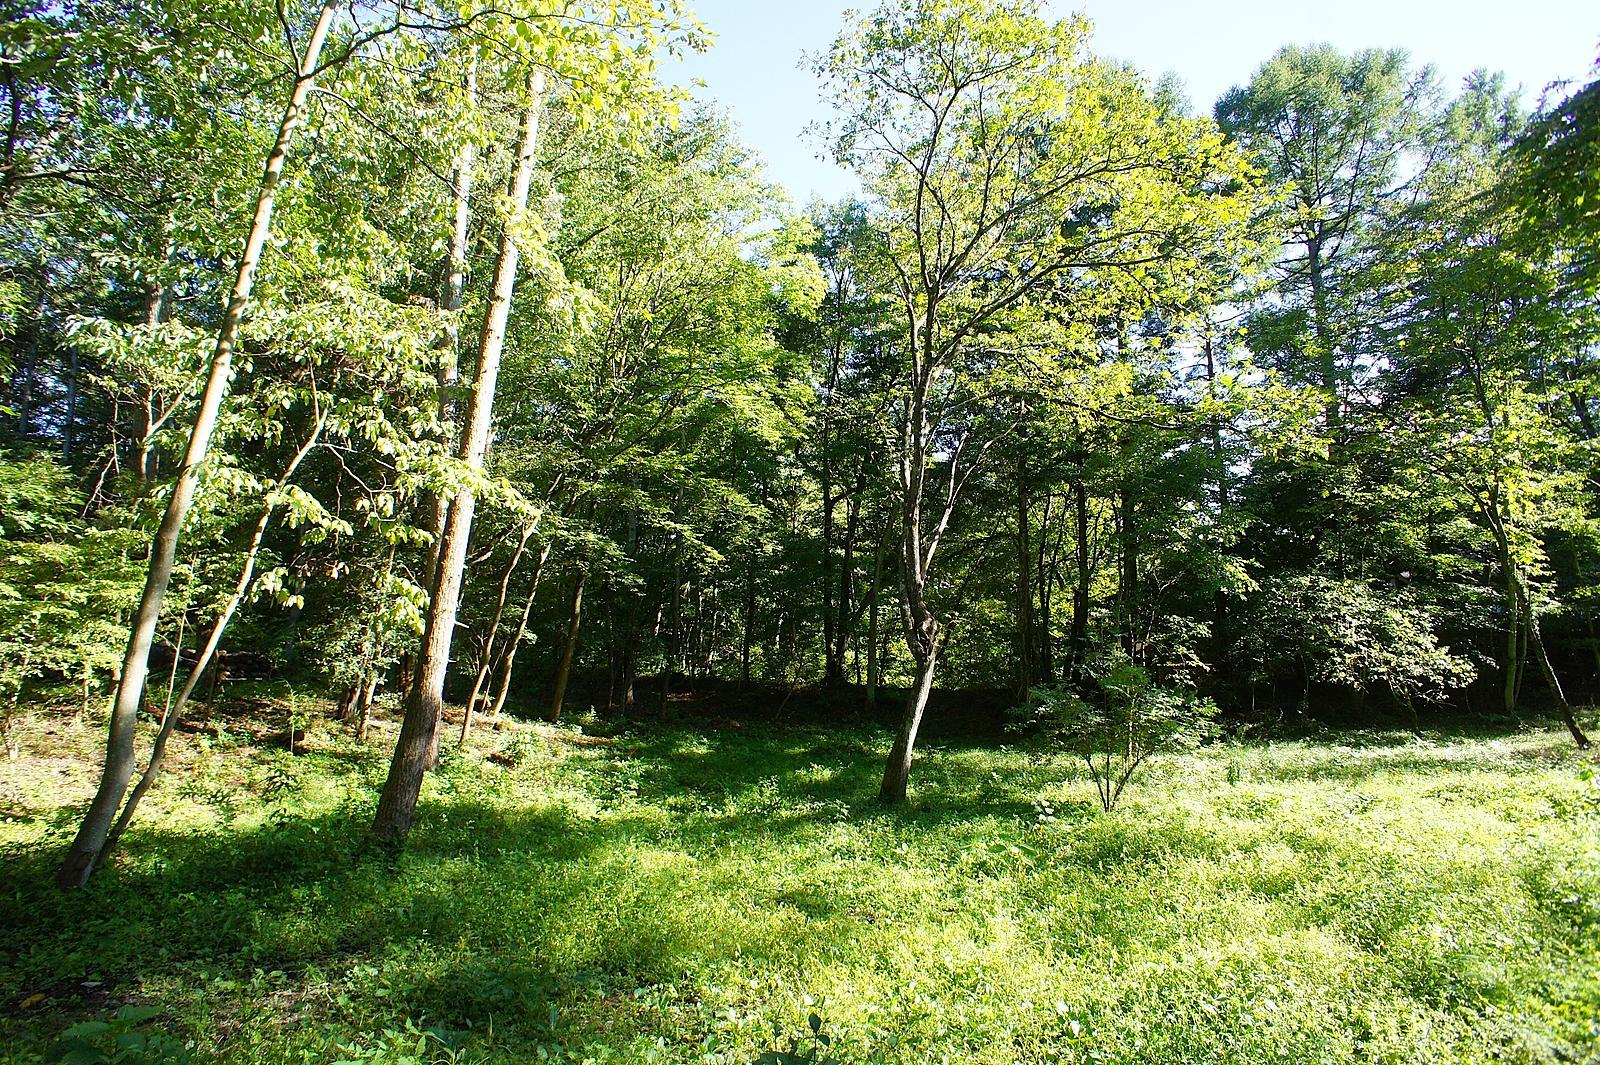 木陰が気持ちよさそうな場所がたくさん!小さな隠れ家をどこに建てましょうか。